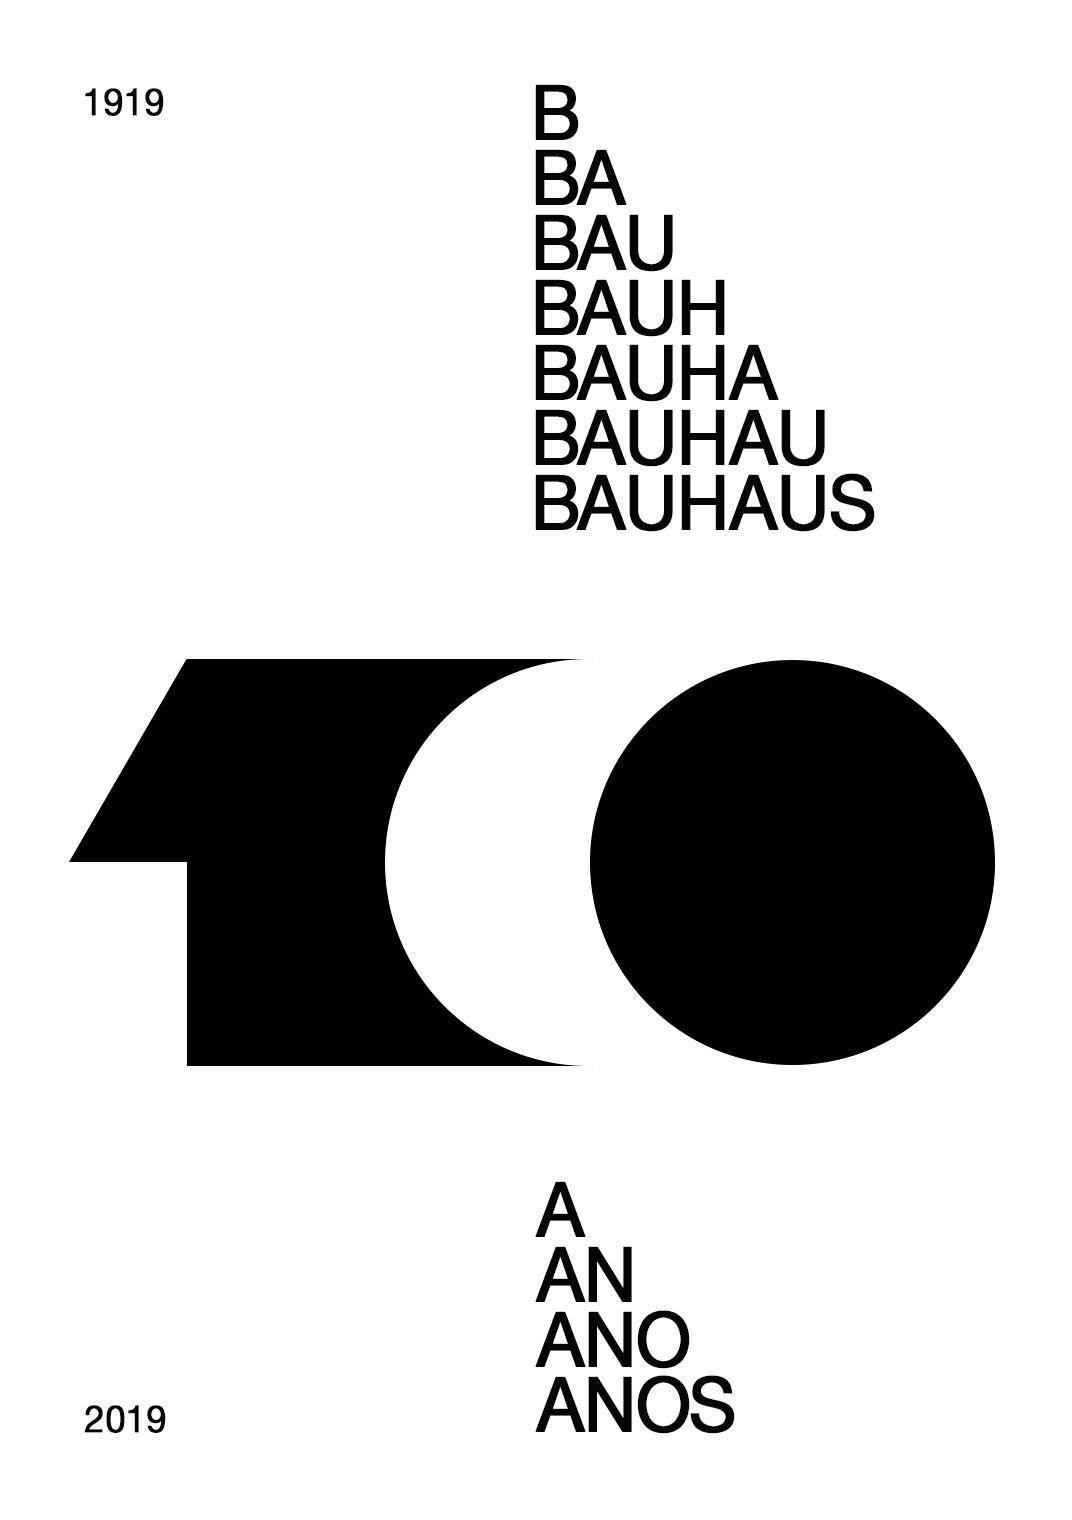 Bauhaus 100 anos Poster, Design gráfico